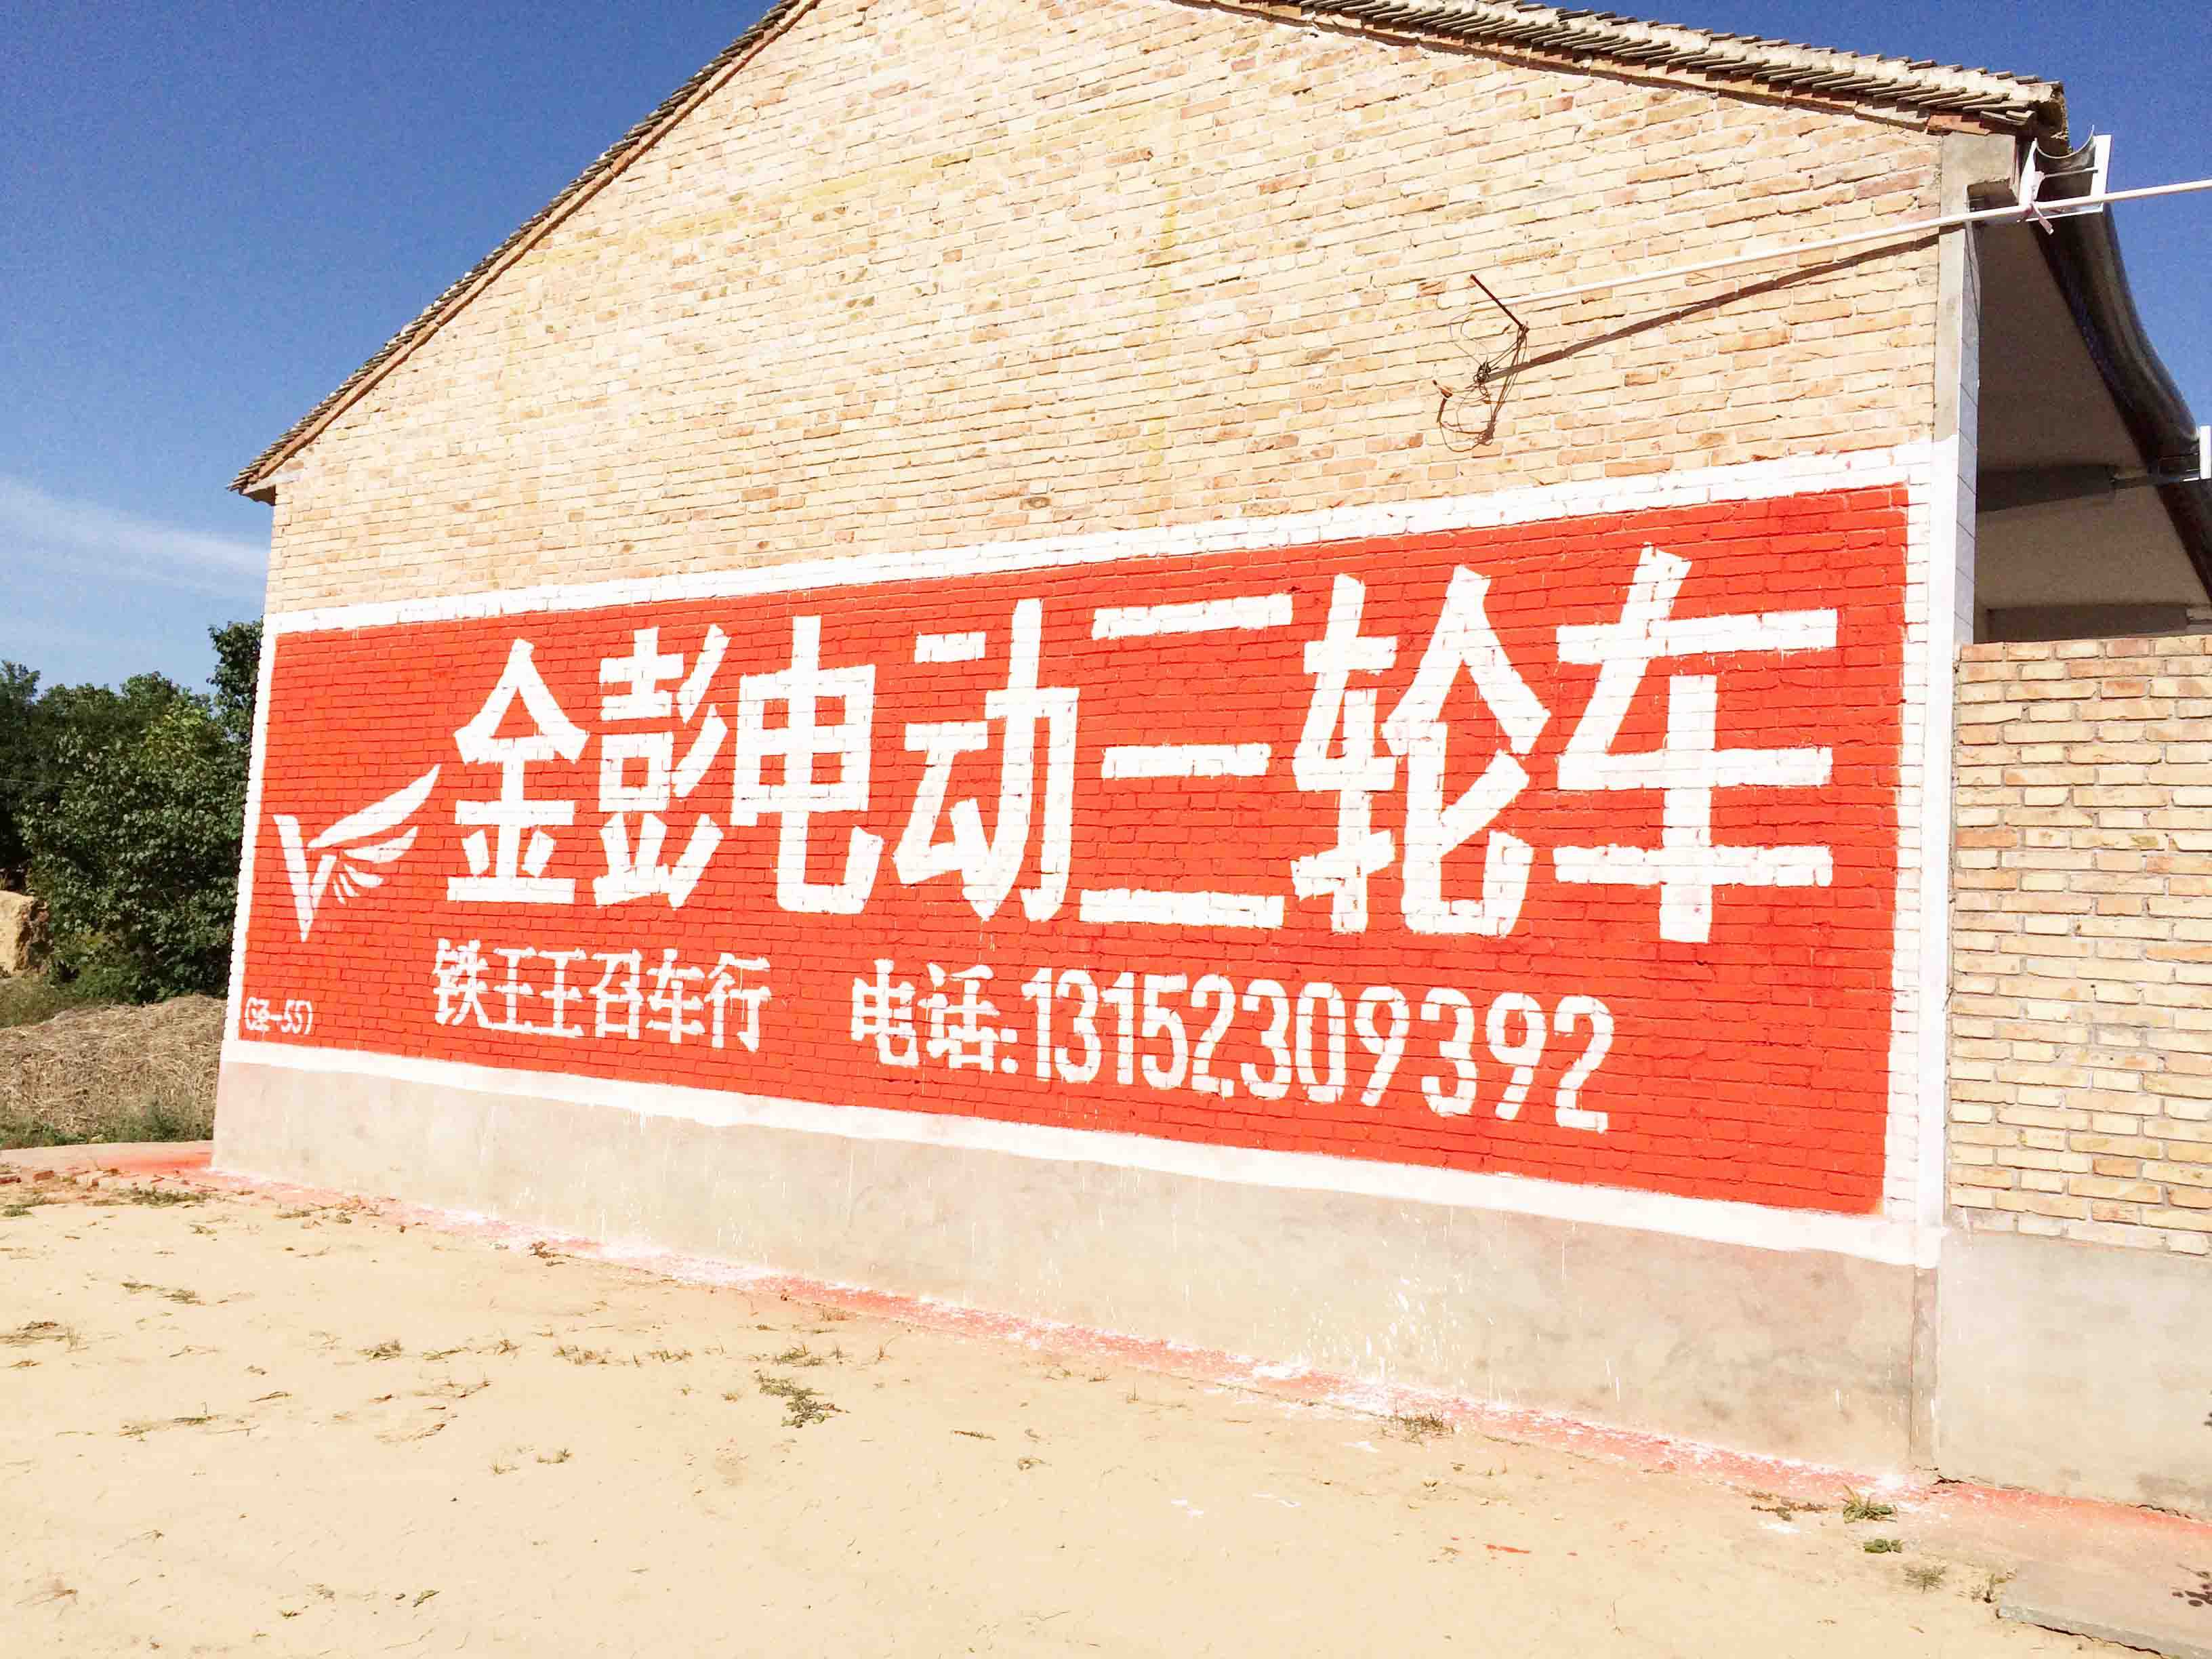 高陵县墙体广告选择